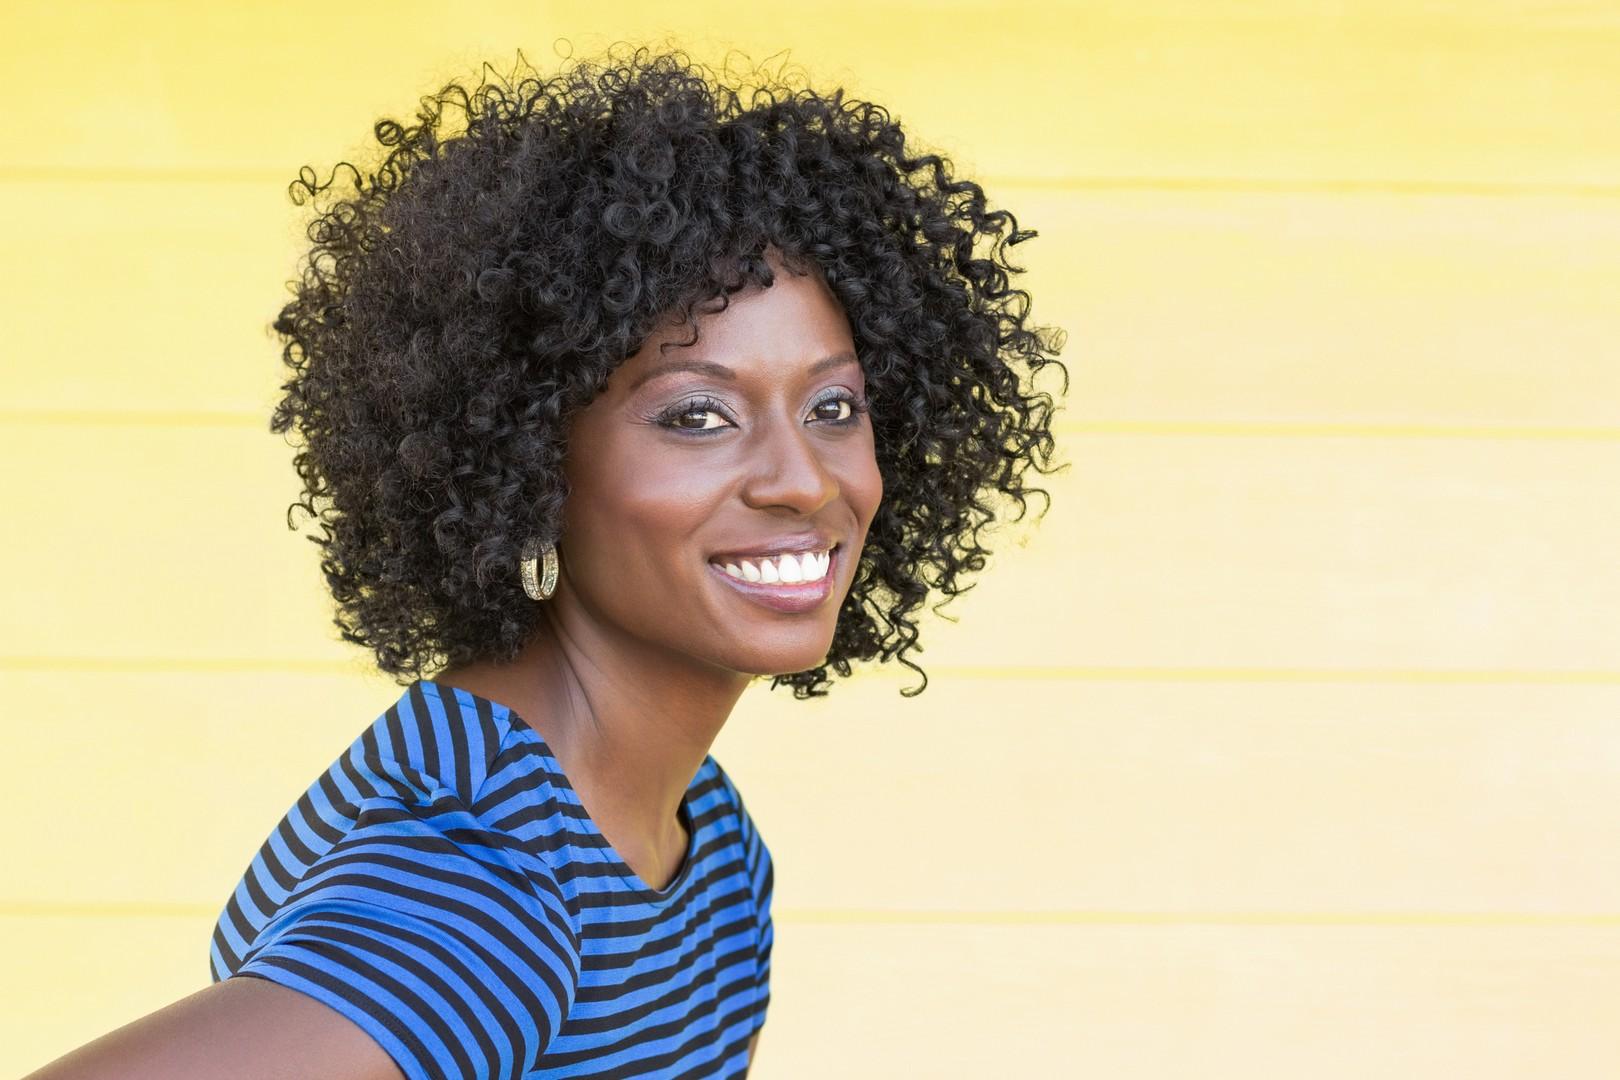 cabelos curtos 7 1 - Cabelos curtos para cacheadas e crespas: melhores dicas e tendências